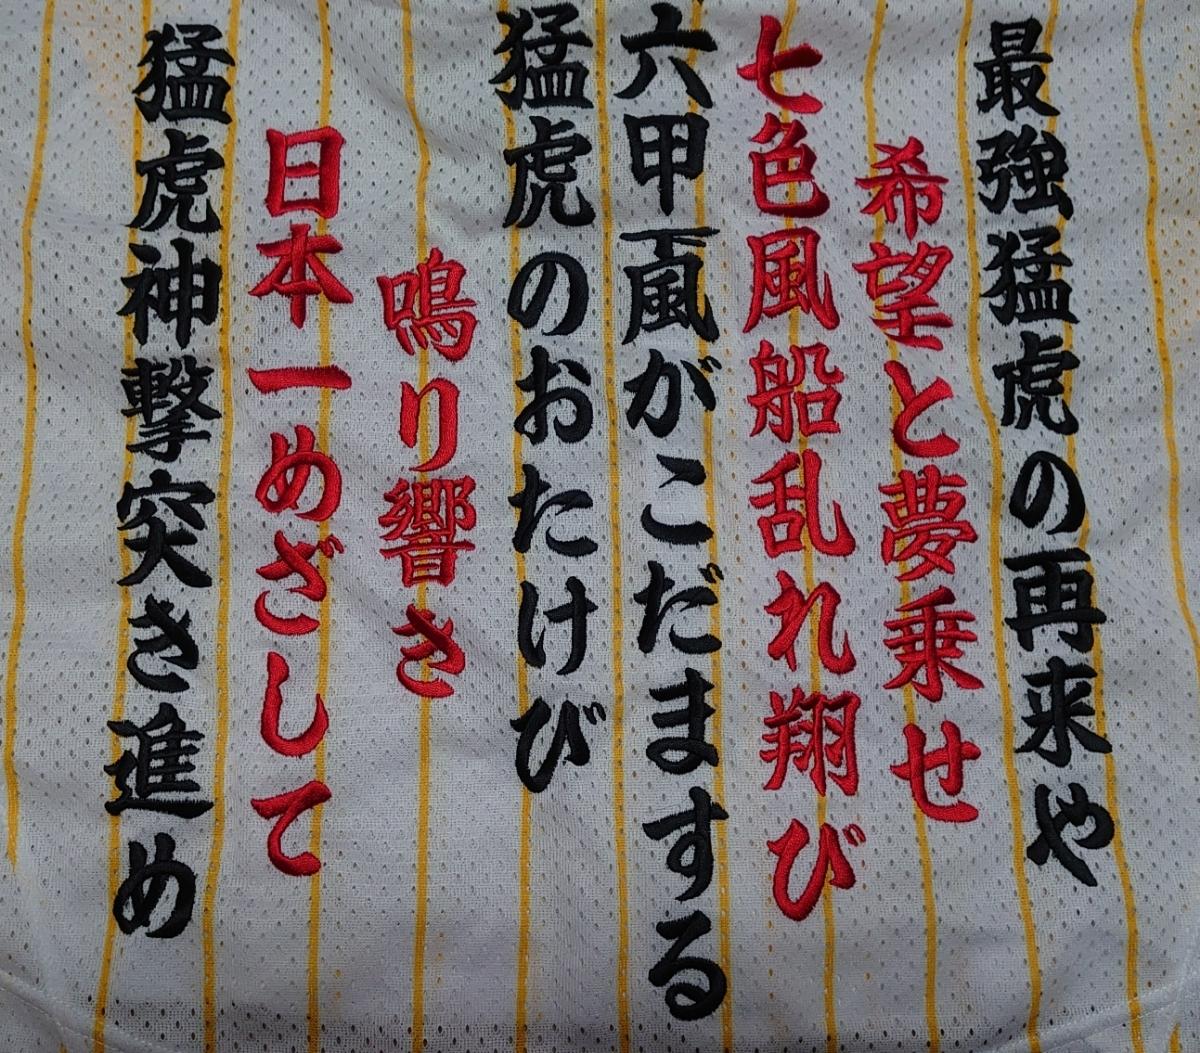 おっさん☆サンテレビ×阪神タイガース☆ユニフォーム(ミズノ製・L)☆タオル☆トートバッグ☆うちわ☆_画像5